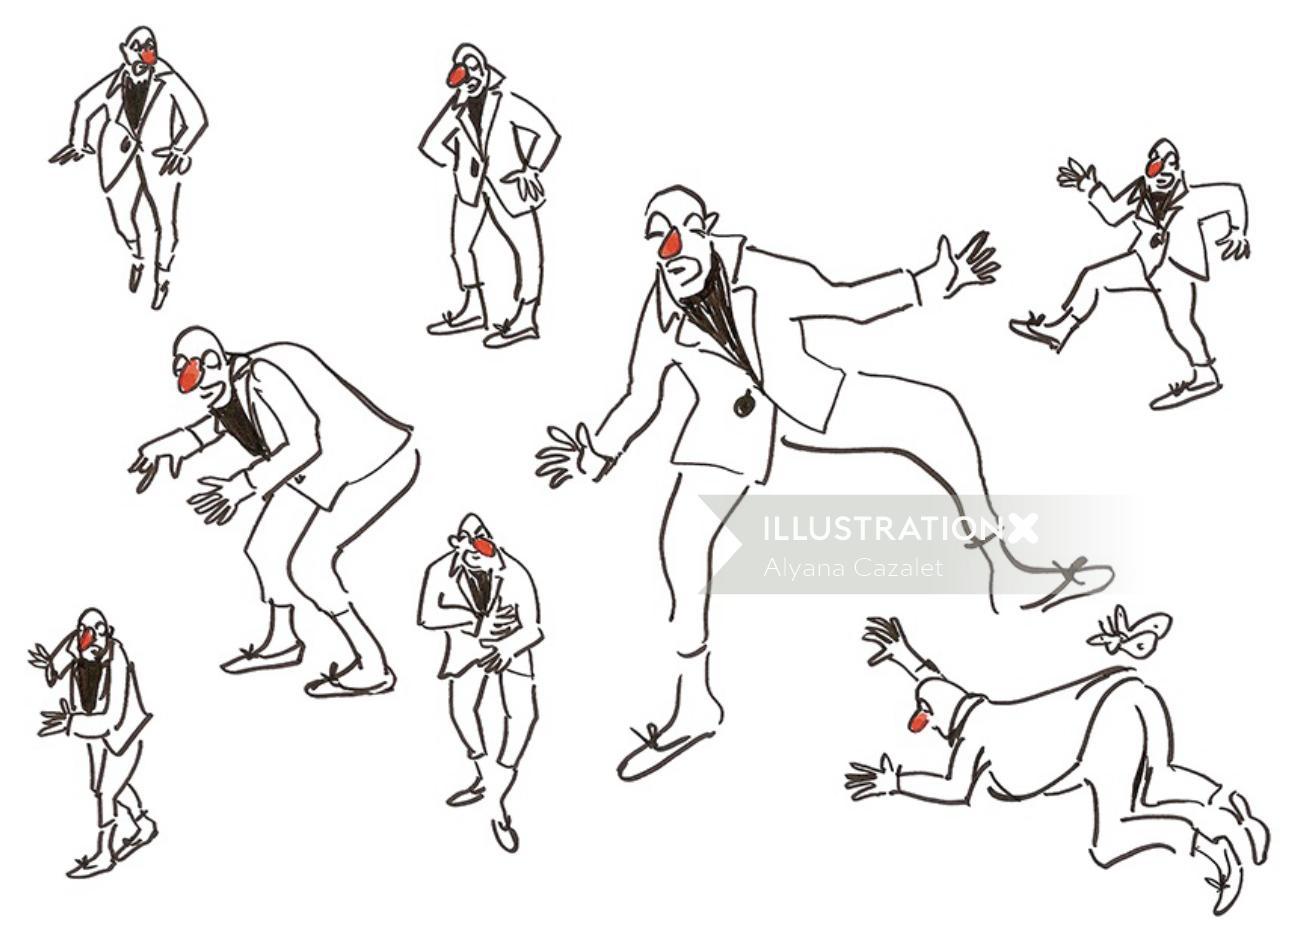 Line art of clowns